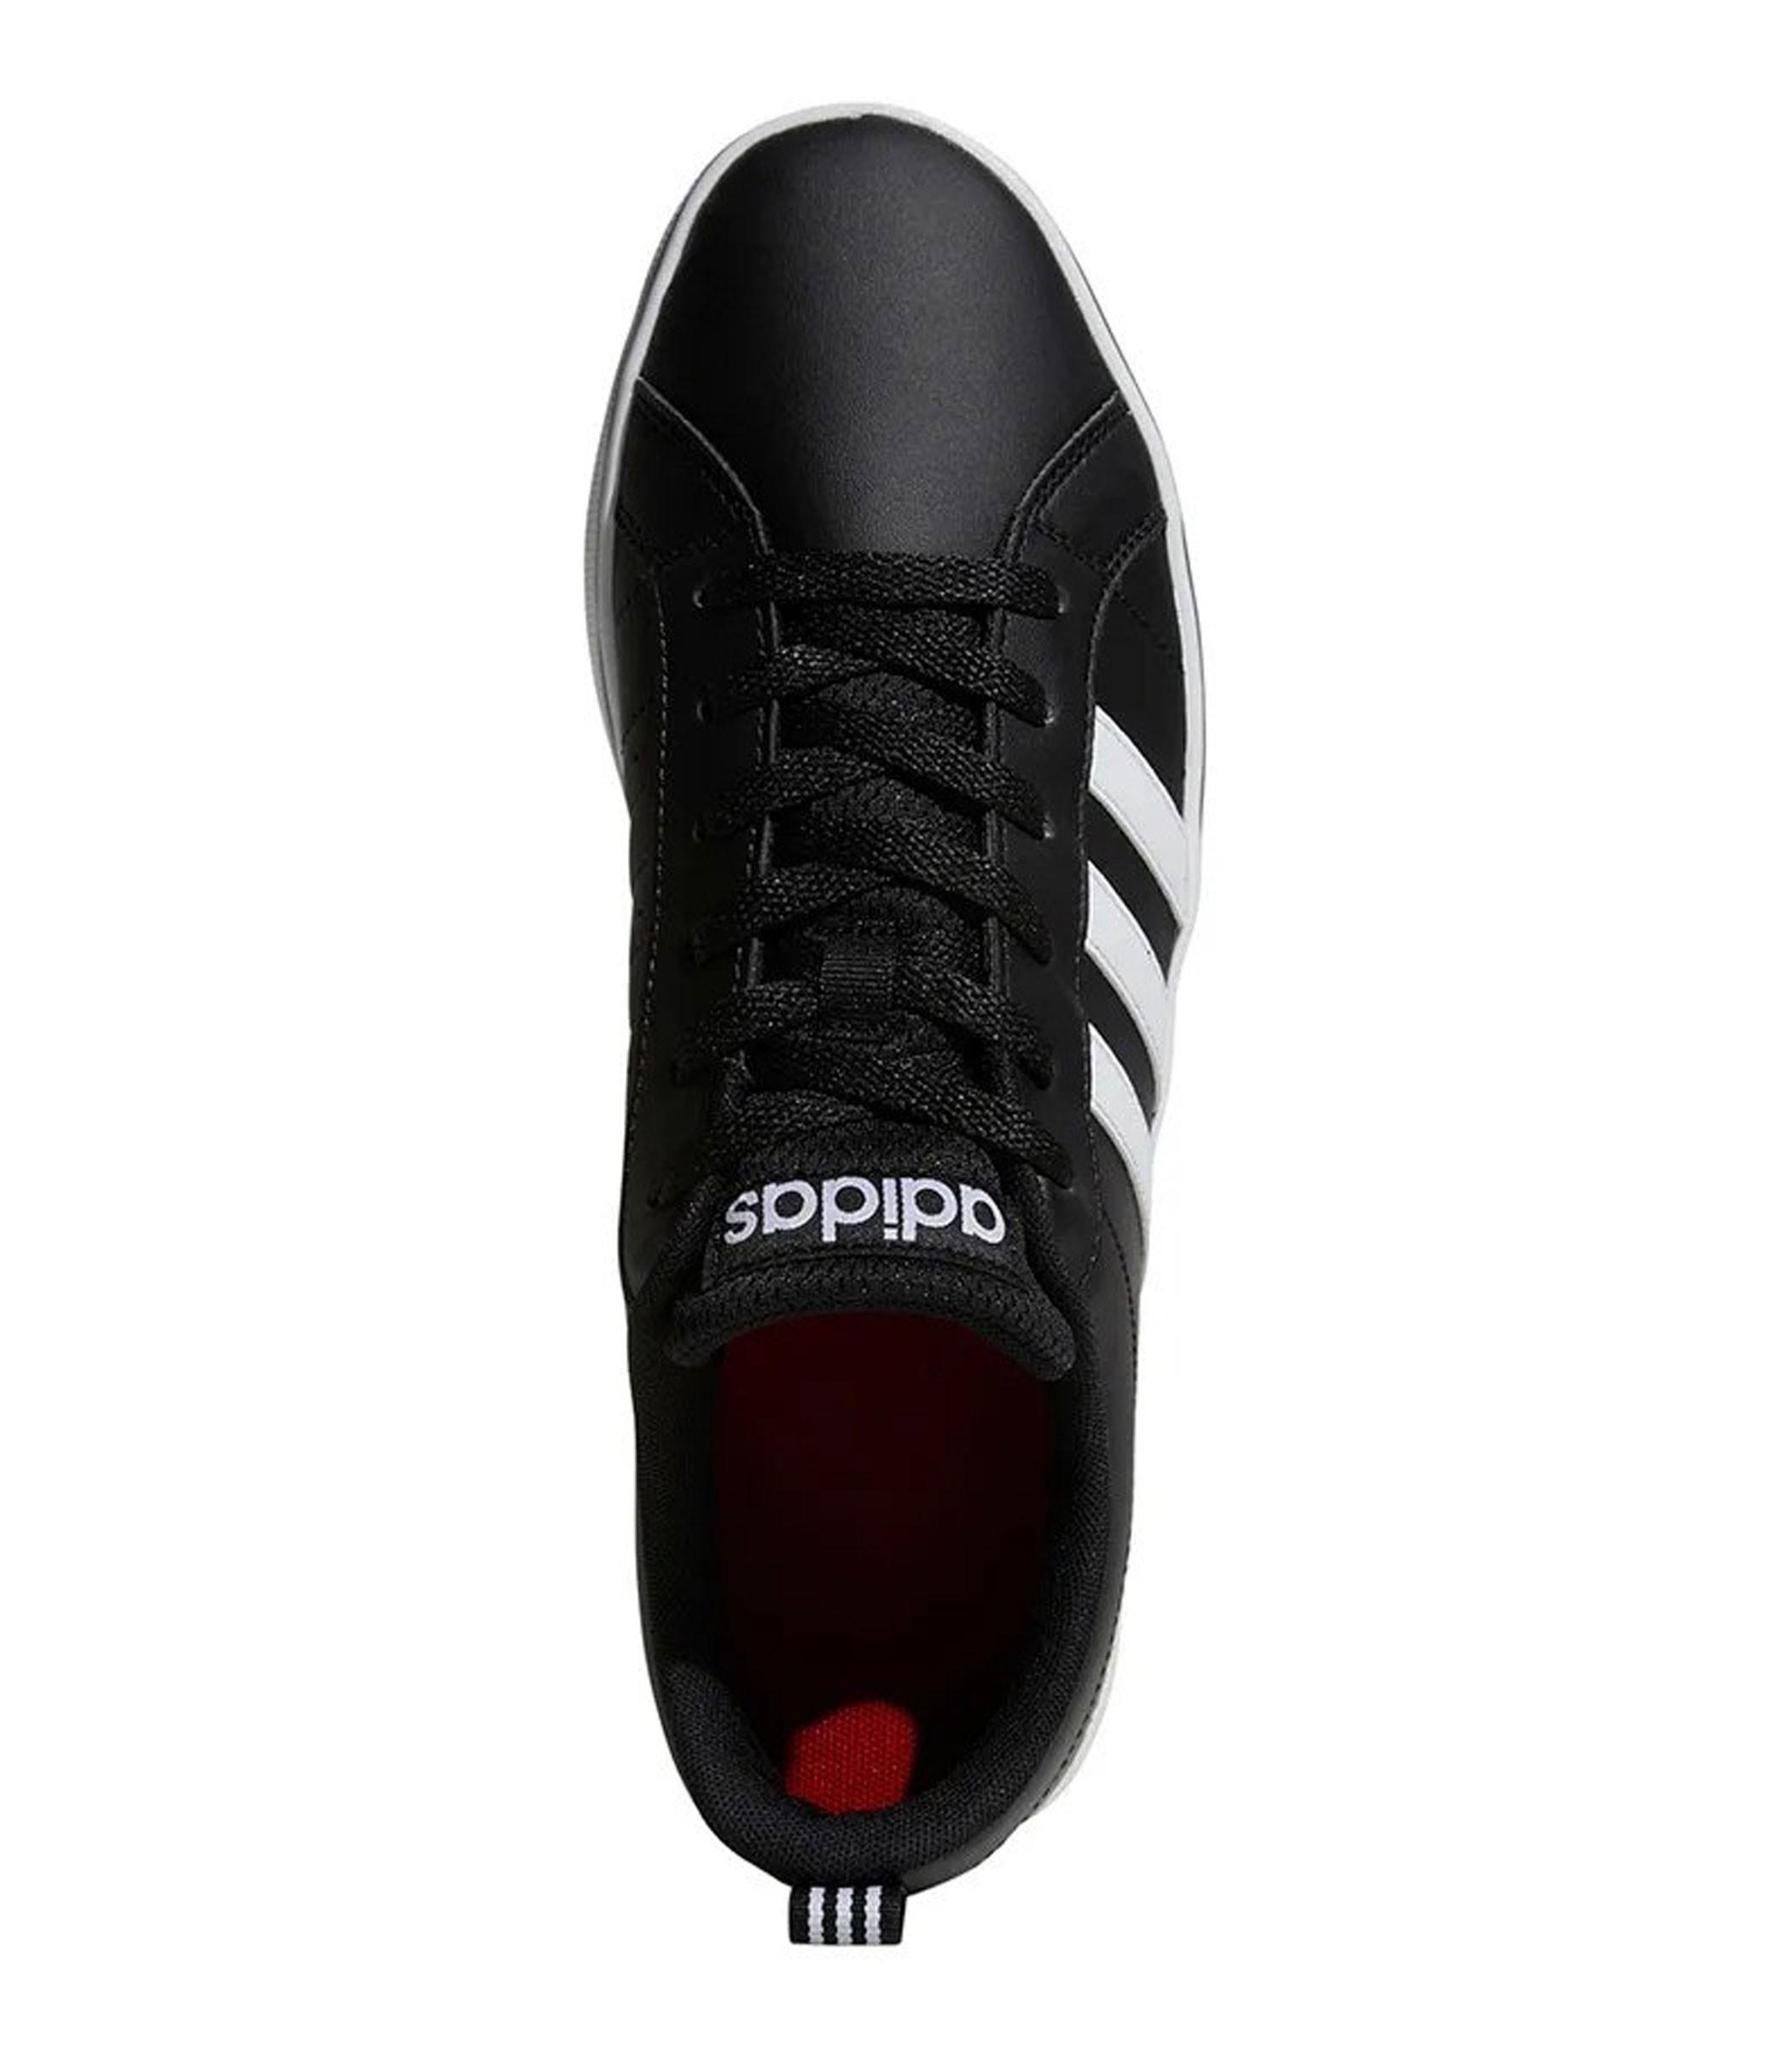 Scarpe Sneakers Adidas VS Pace in pelle nere e bianche da